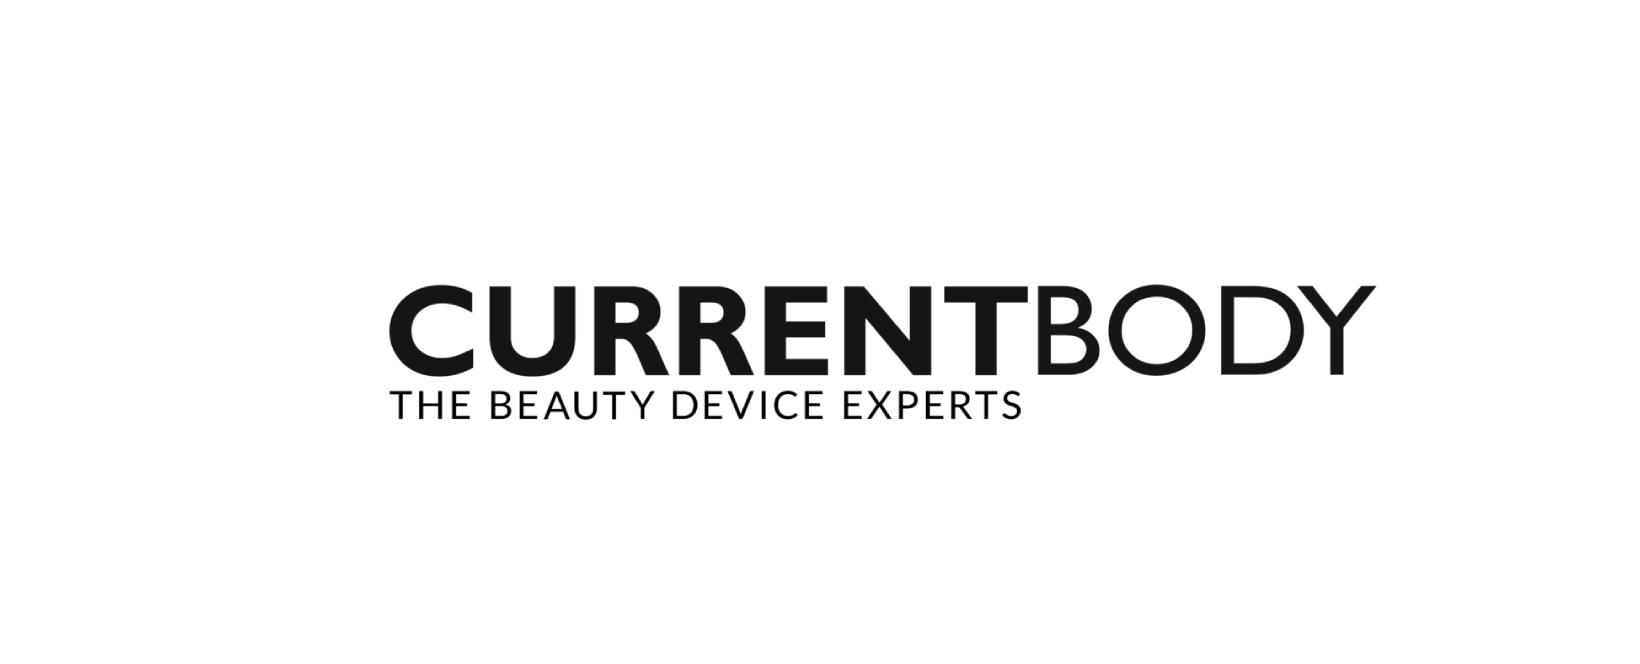 Currentbody UK Discount Code 2021